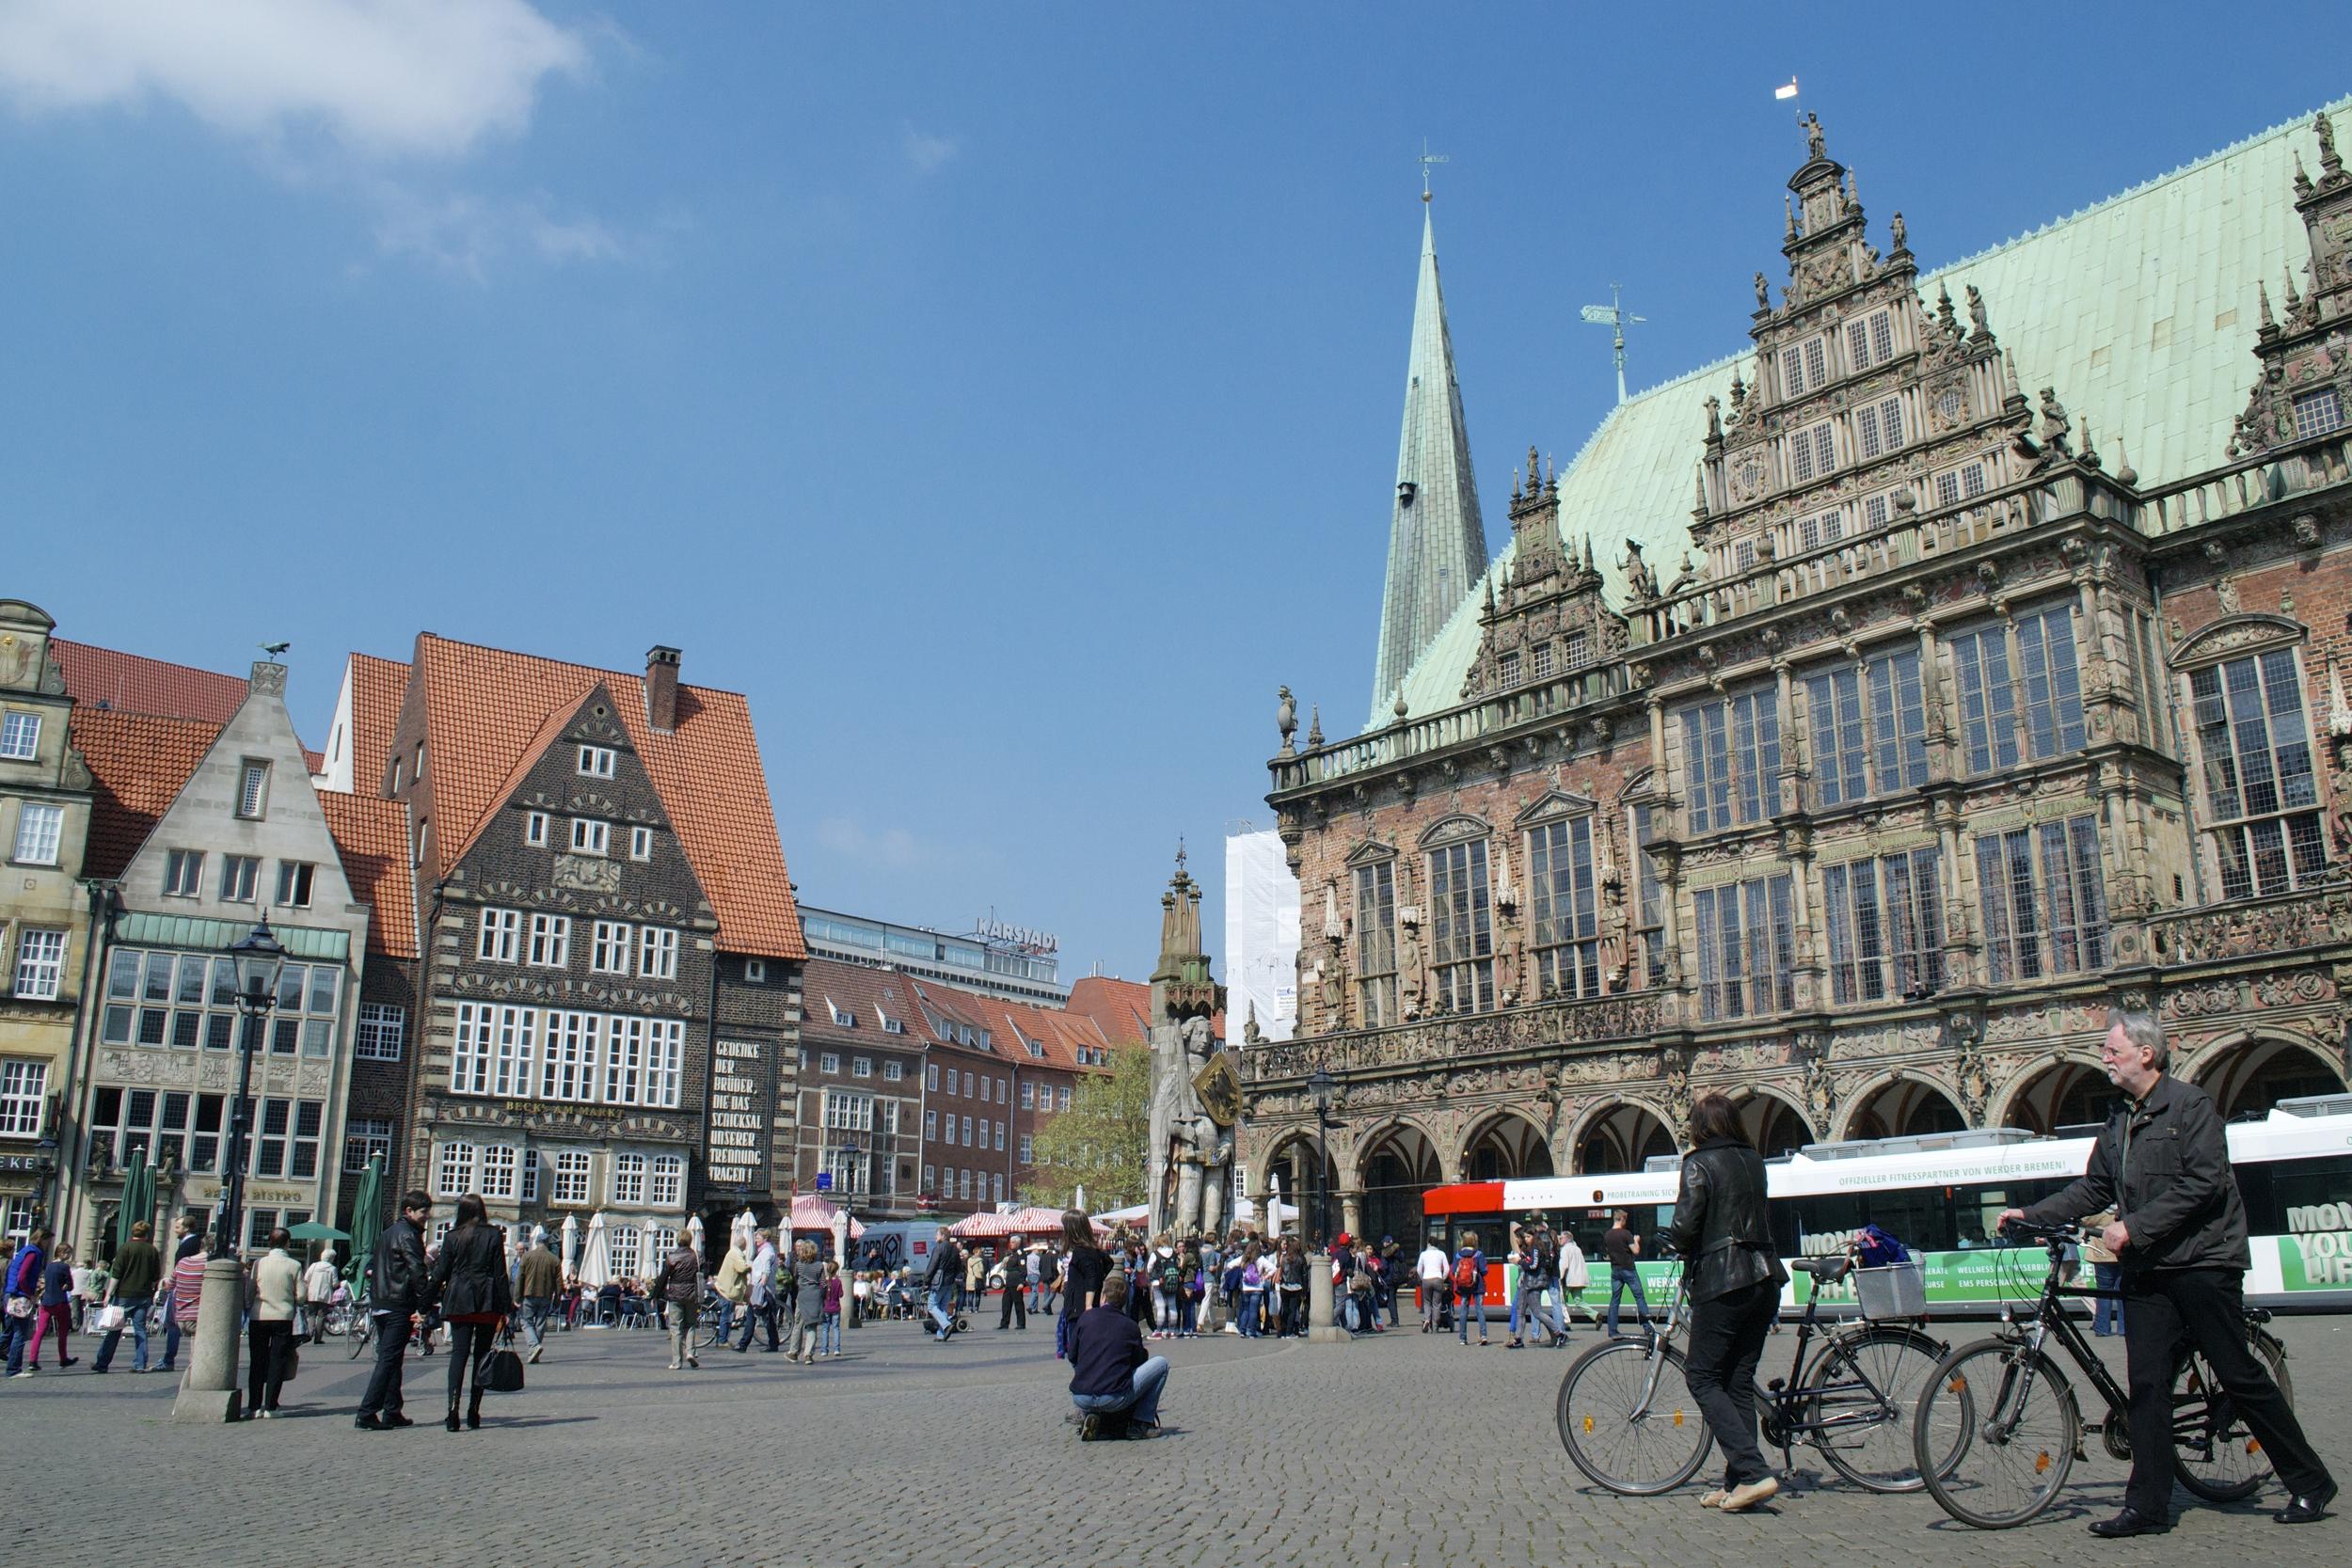 A typical scene from Bremen's Marktplatz.